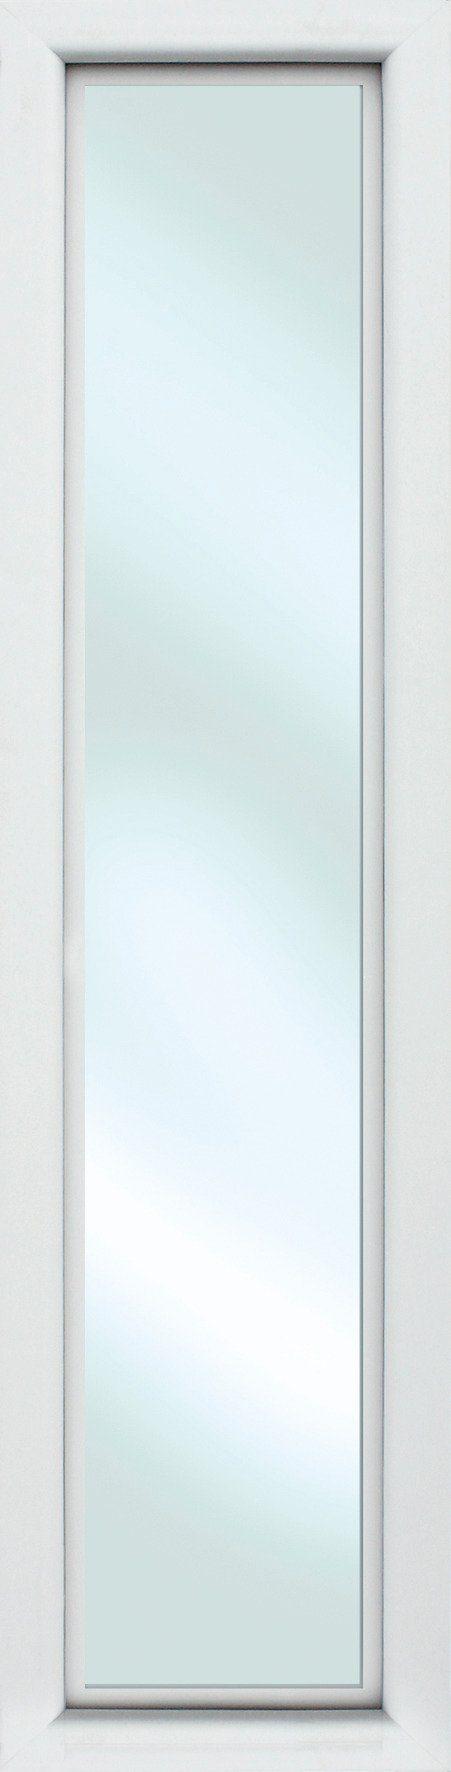 KM MEETH ZAUN GMBH Seitenteile »S01«, für Alu-Haustür, BxH: 60x198 cm, weiß